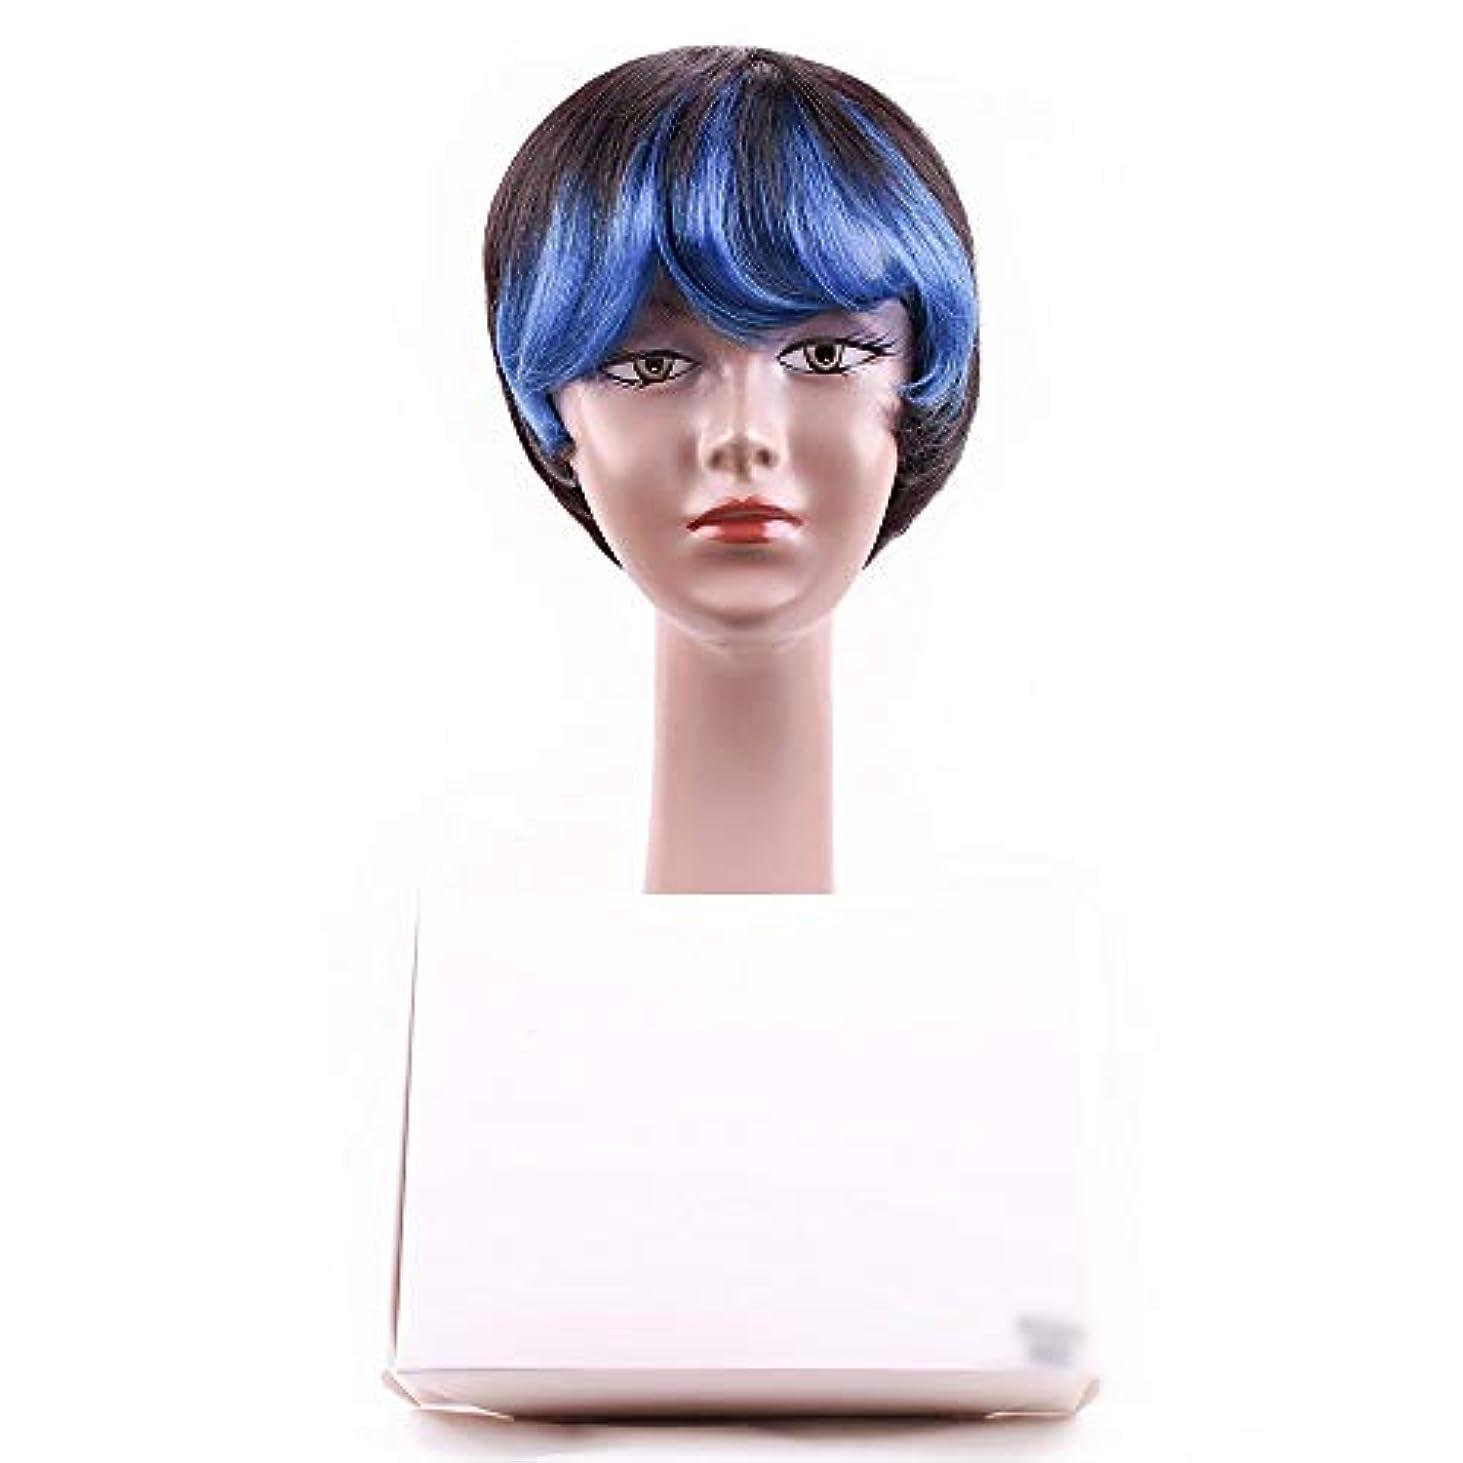 縁石まっすぐにする正直YOUQIU 斜め前髪完全な頭部コスプレパーティーウィッグかつらと女性の人間の毛髪のショートボブウィッグ (色 : 青)